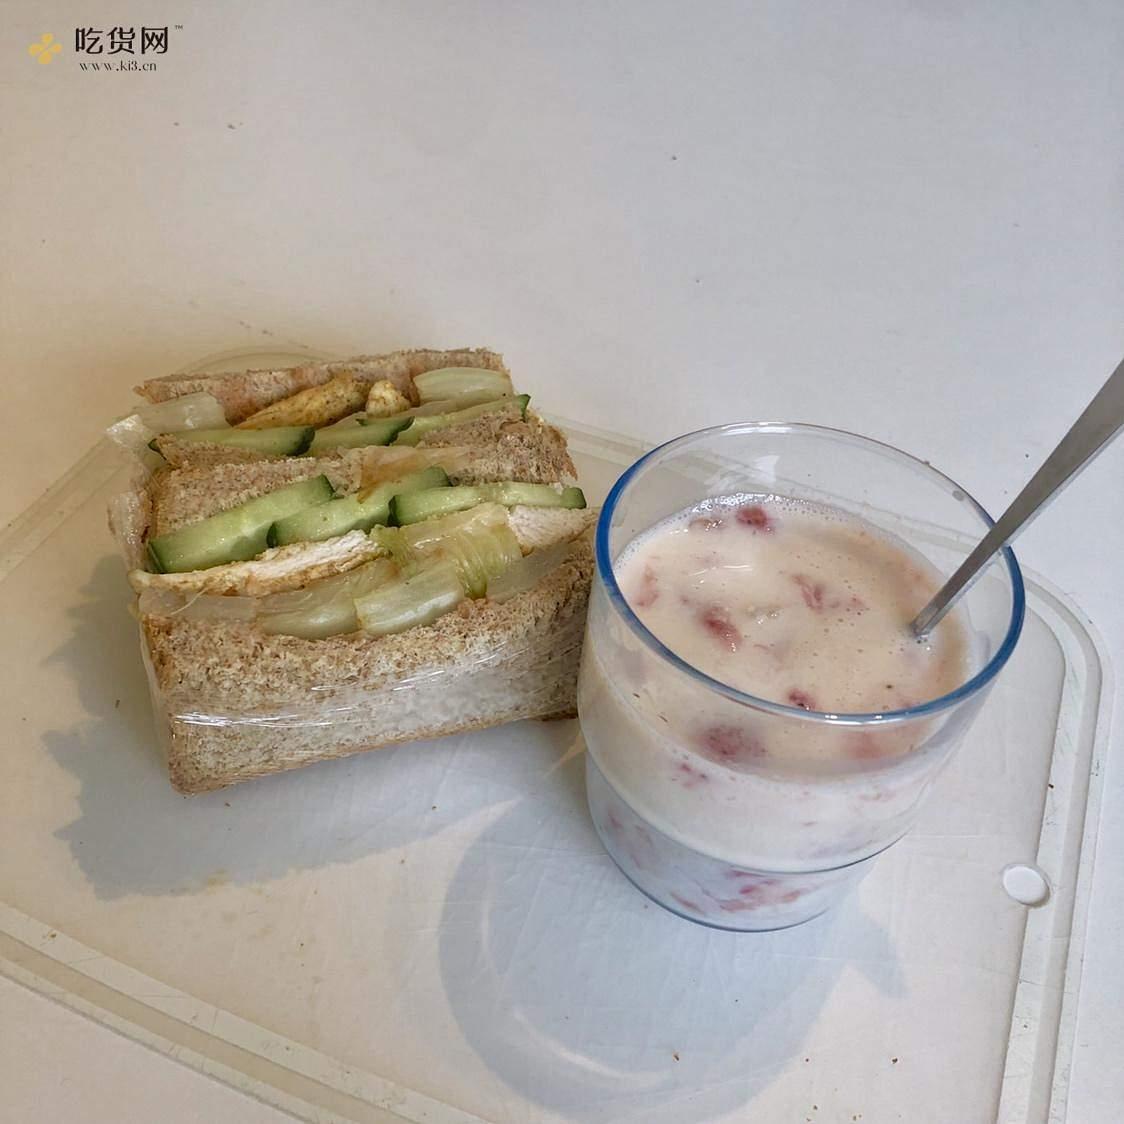 视觉味觉爆炸的全麦三明治系列|减脂万能公式 欢迎来玩!的做法 步骤23